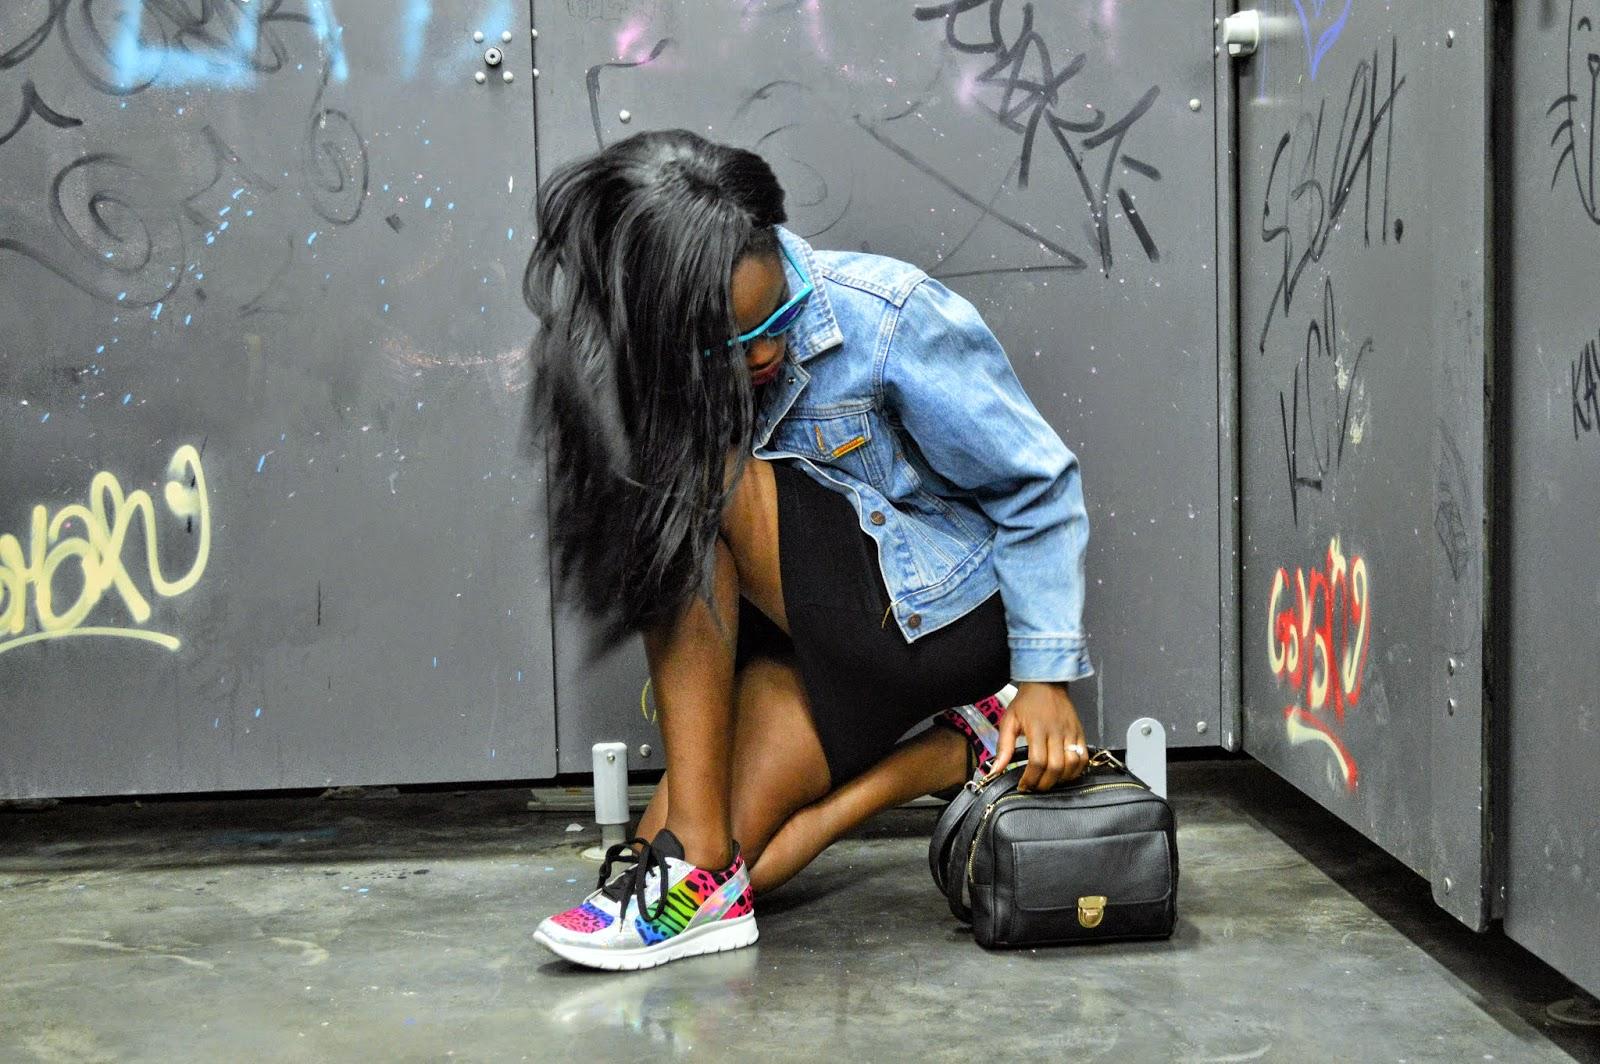 veste en jean, robe noire, lunettes bleues, baskets texto